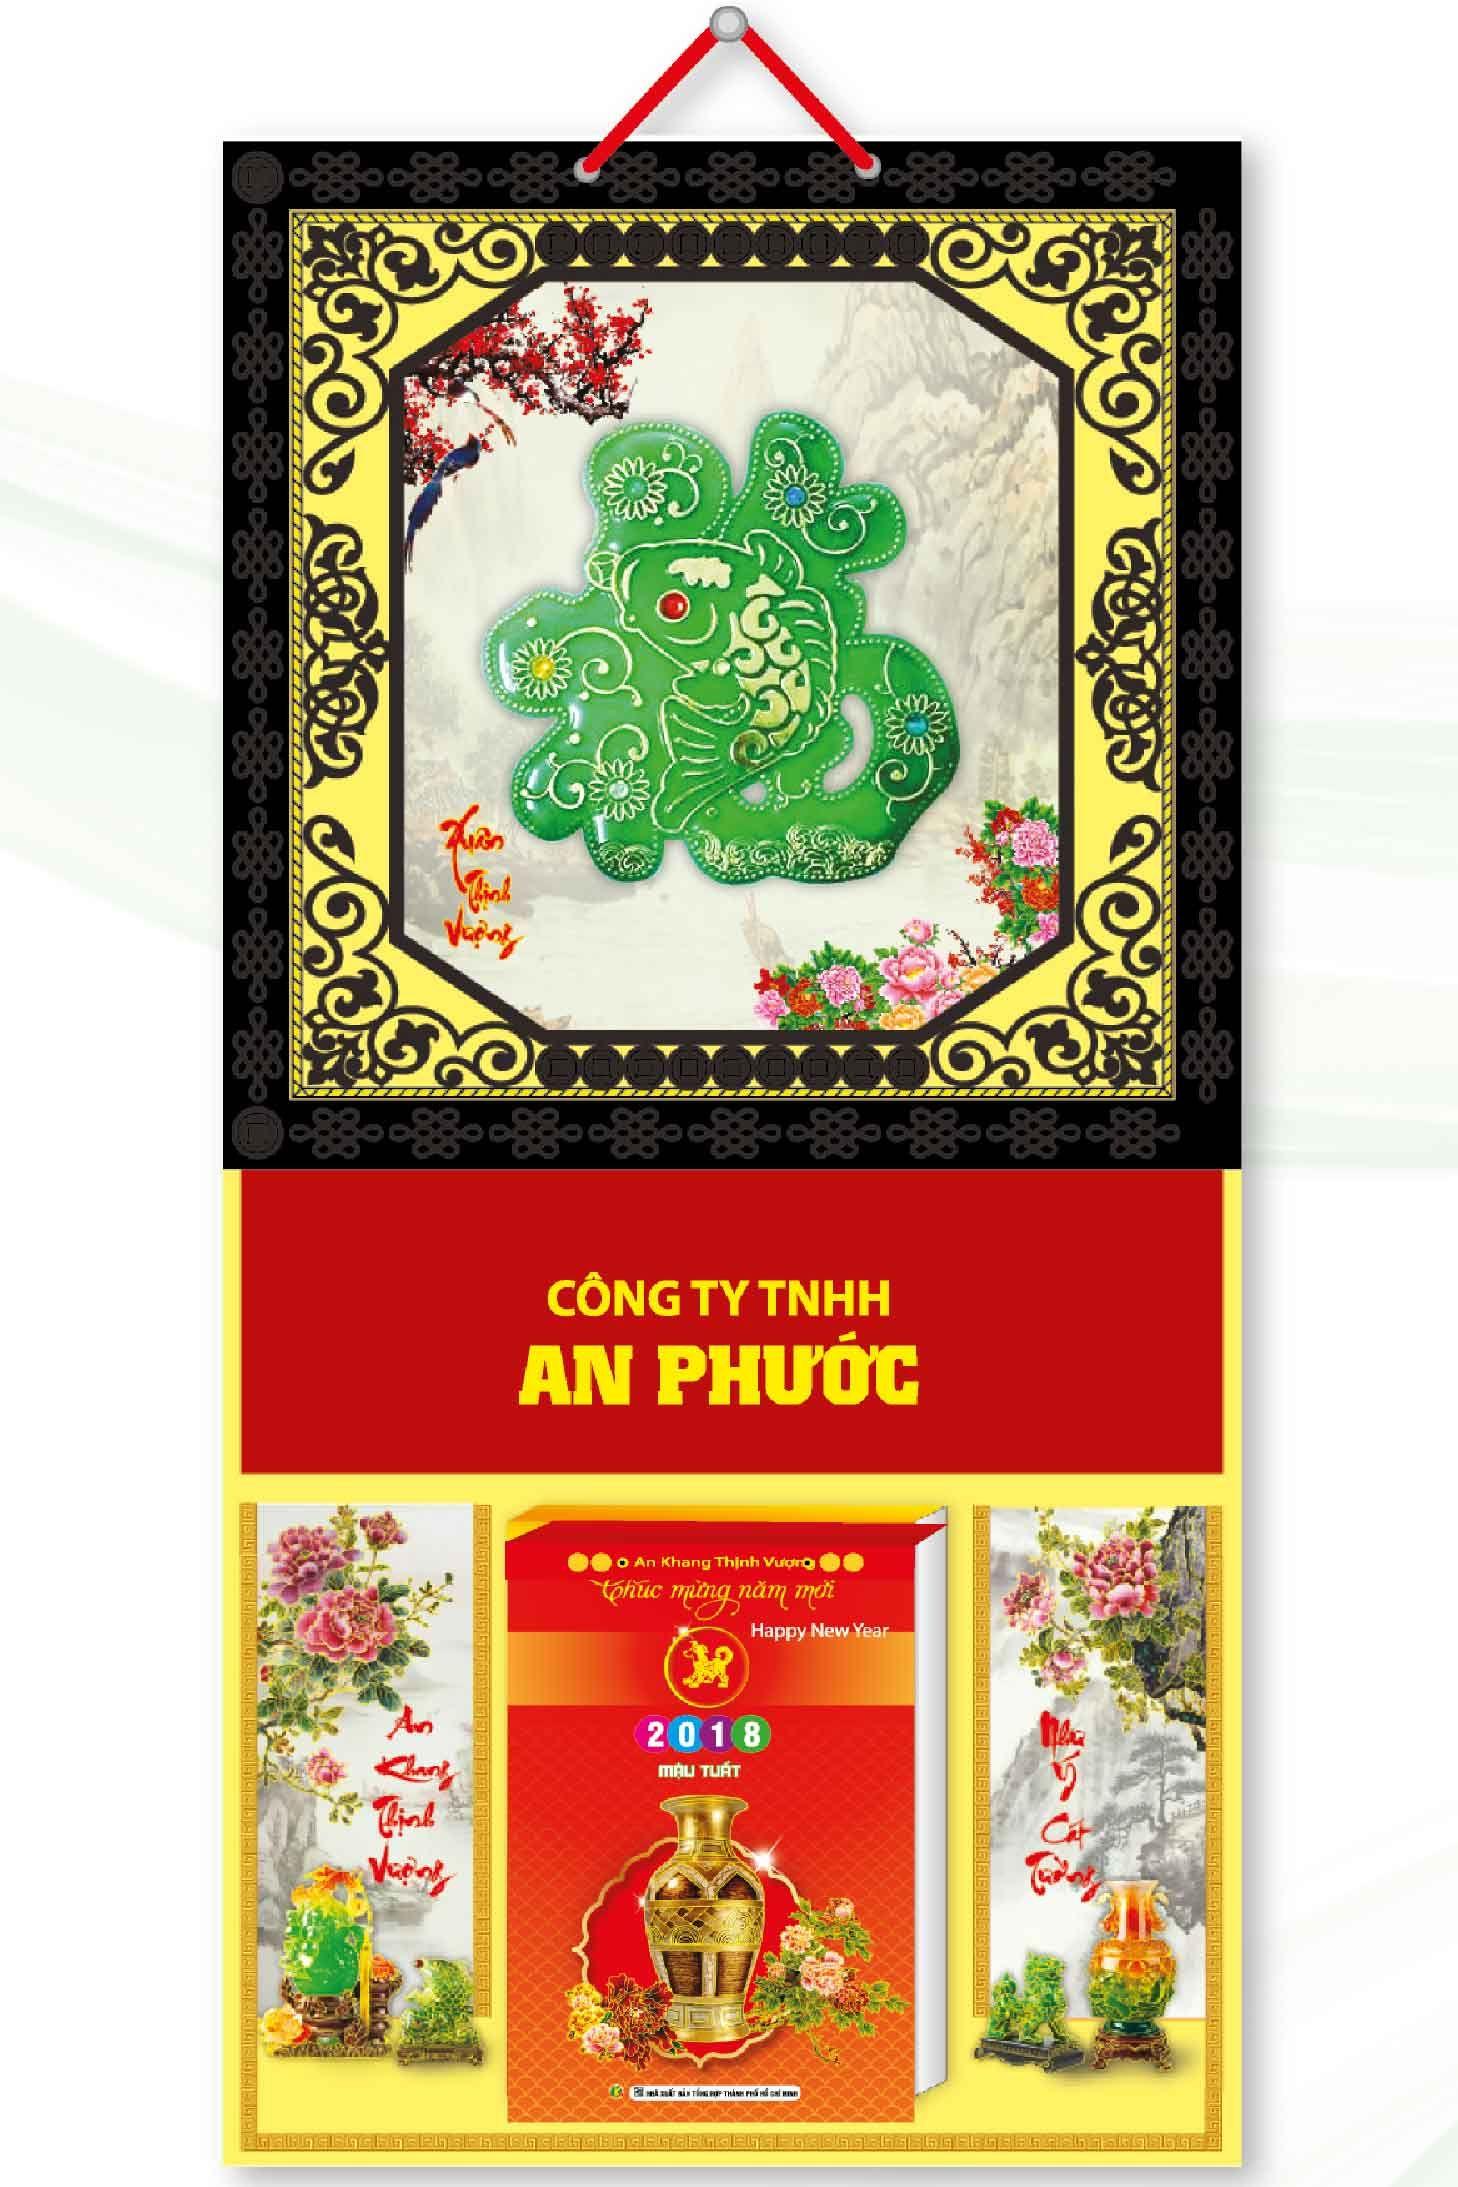 KV67 - Bìa Treo Lịch 2018 Metalize Ép Kim Cao Cấp 7 Màu (35 x 70cm) - Khung Đen, Dán Nổi Chữ Phước Cẩm Thạch - EBOOK/PDF/PRC/EPUB